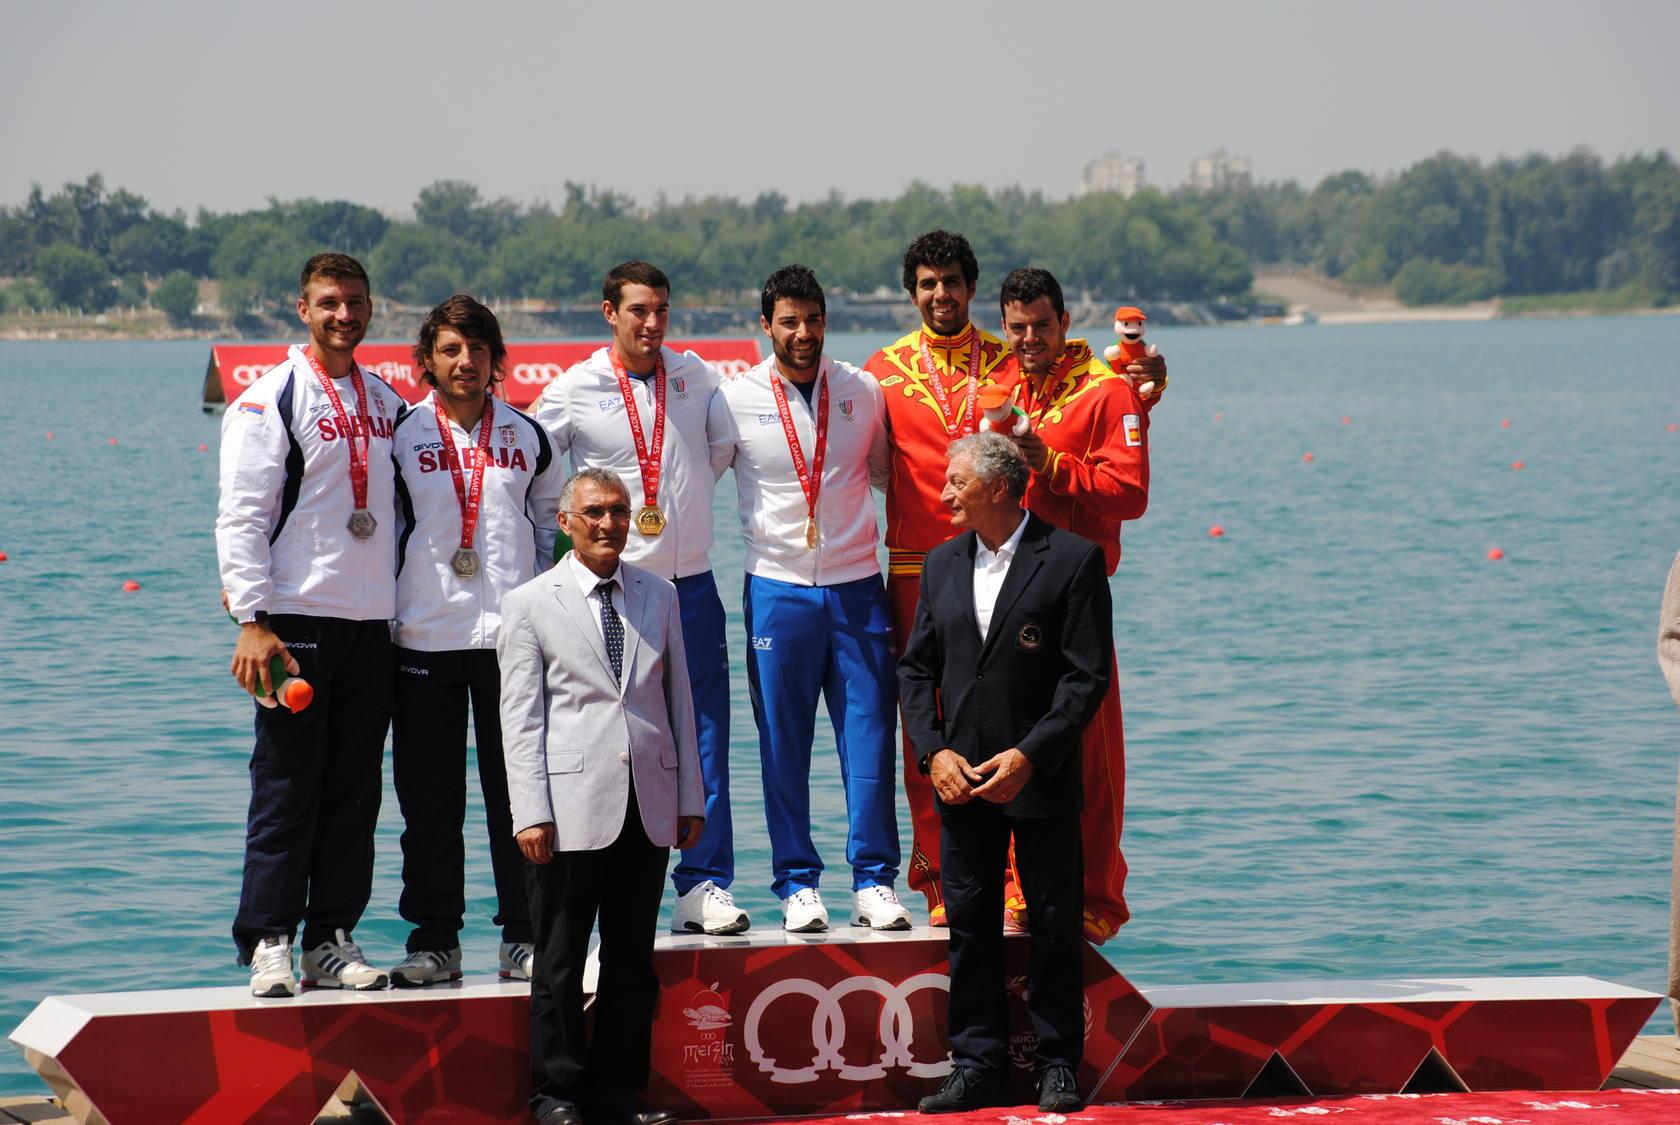 El palentino Diego Cosgaya, medalla de bronce en los Juegos del Mediterráneo